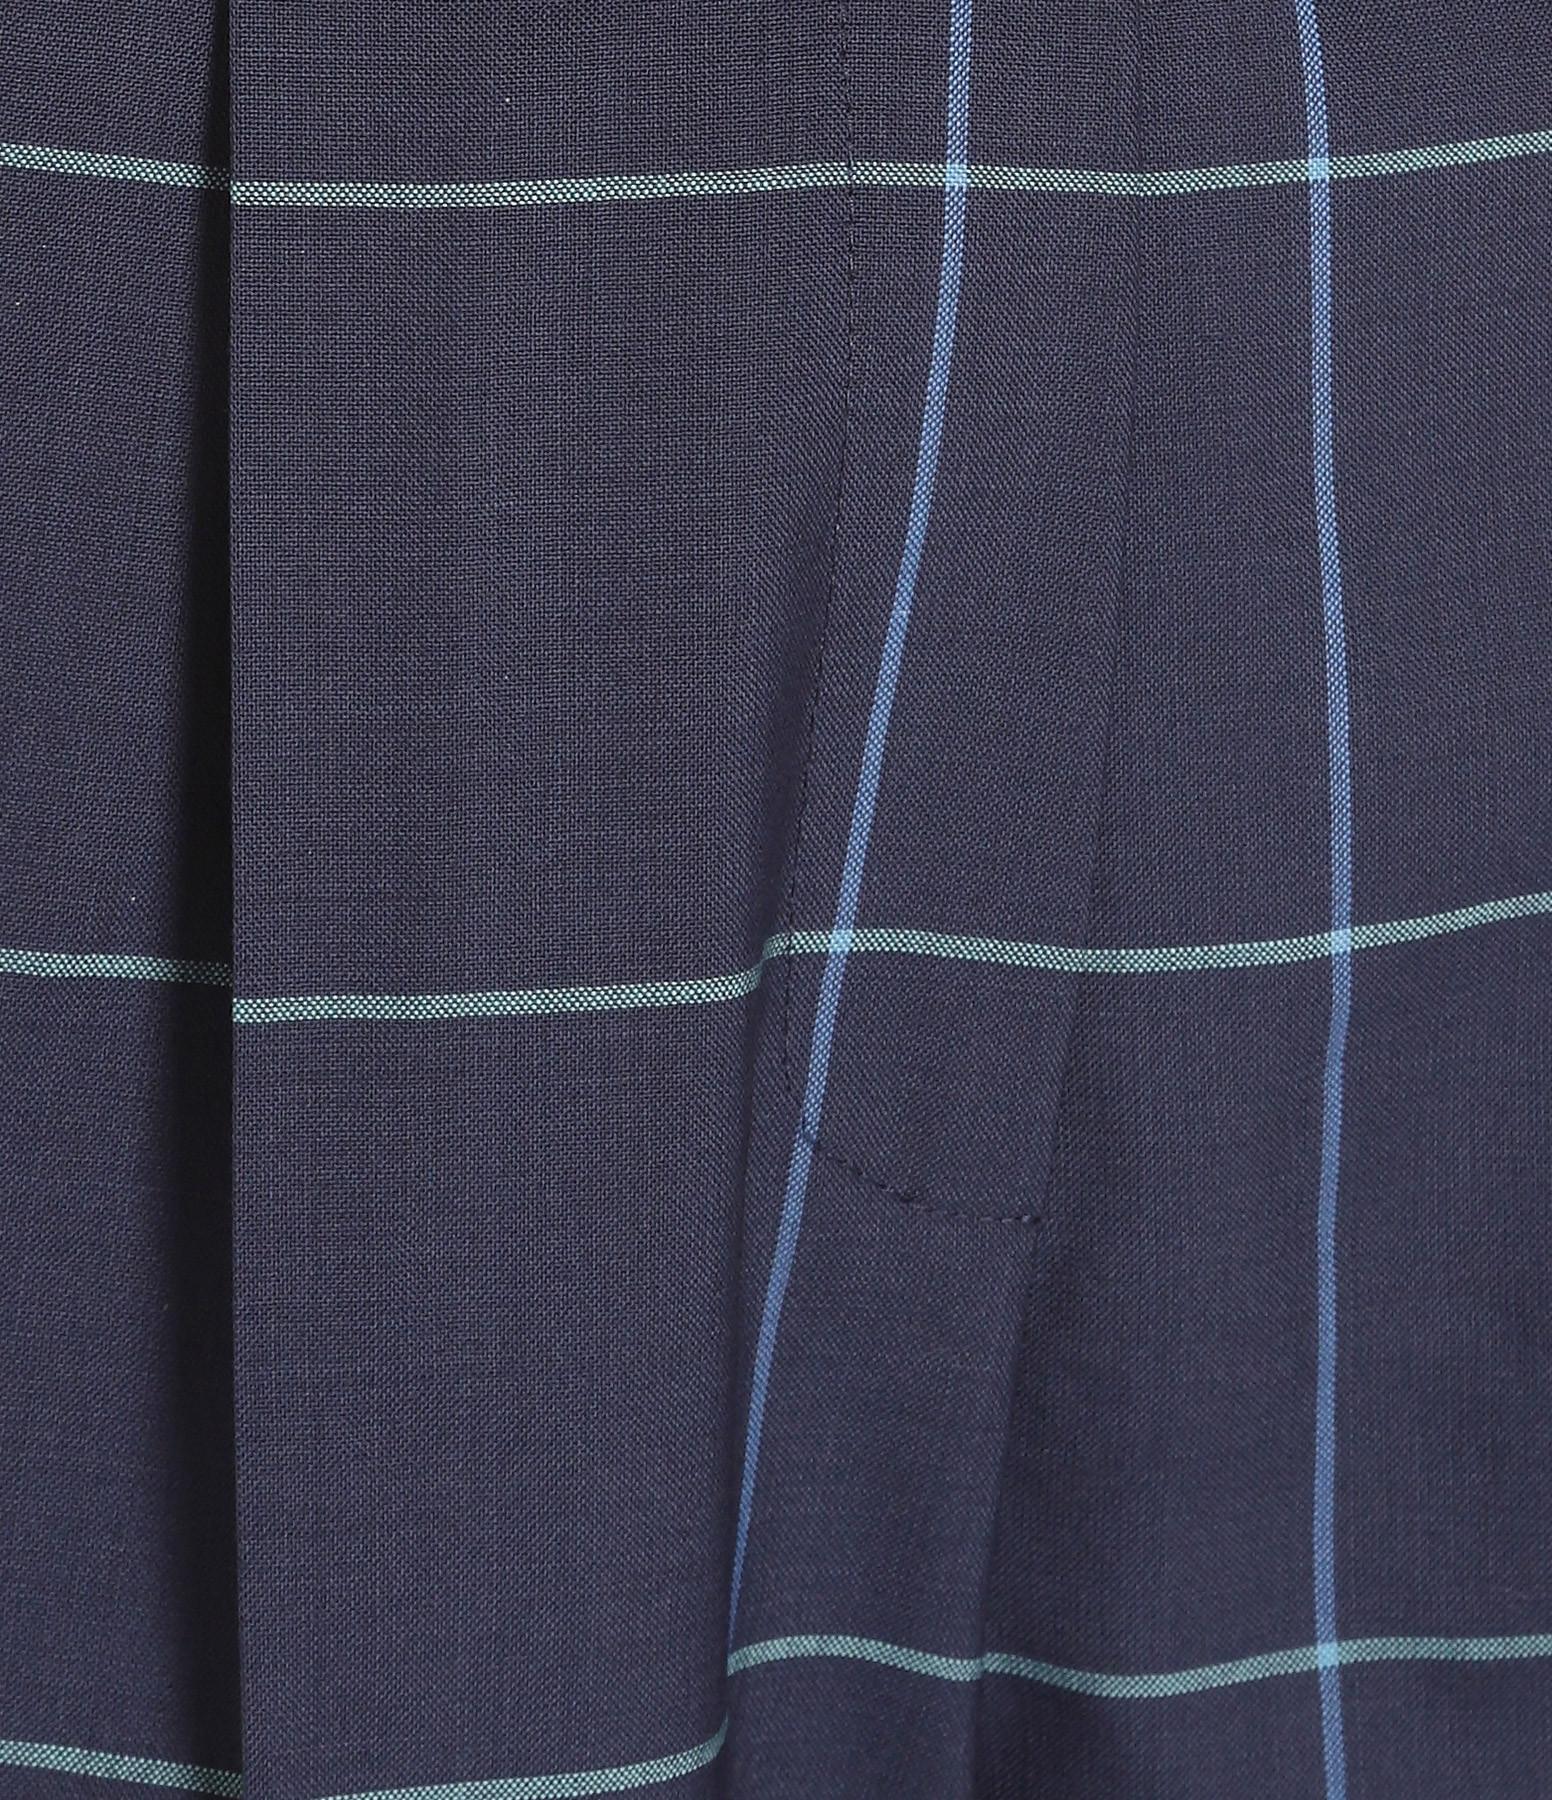 MAISON PÈRE - Pantalon Carreaux Laine Navy